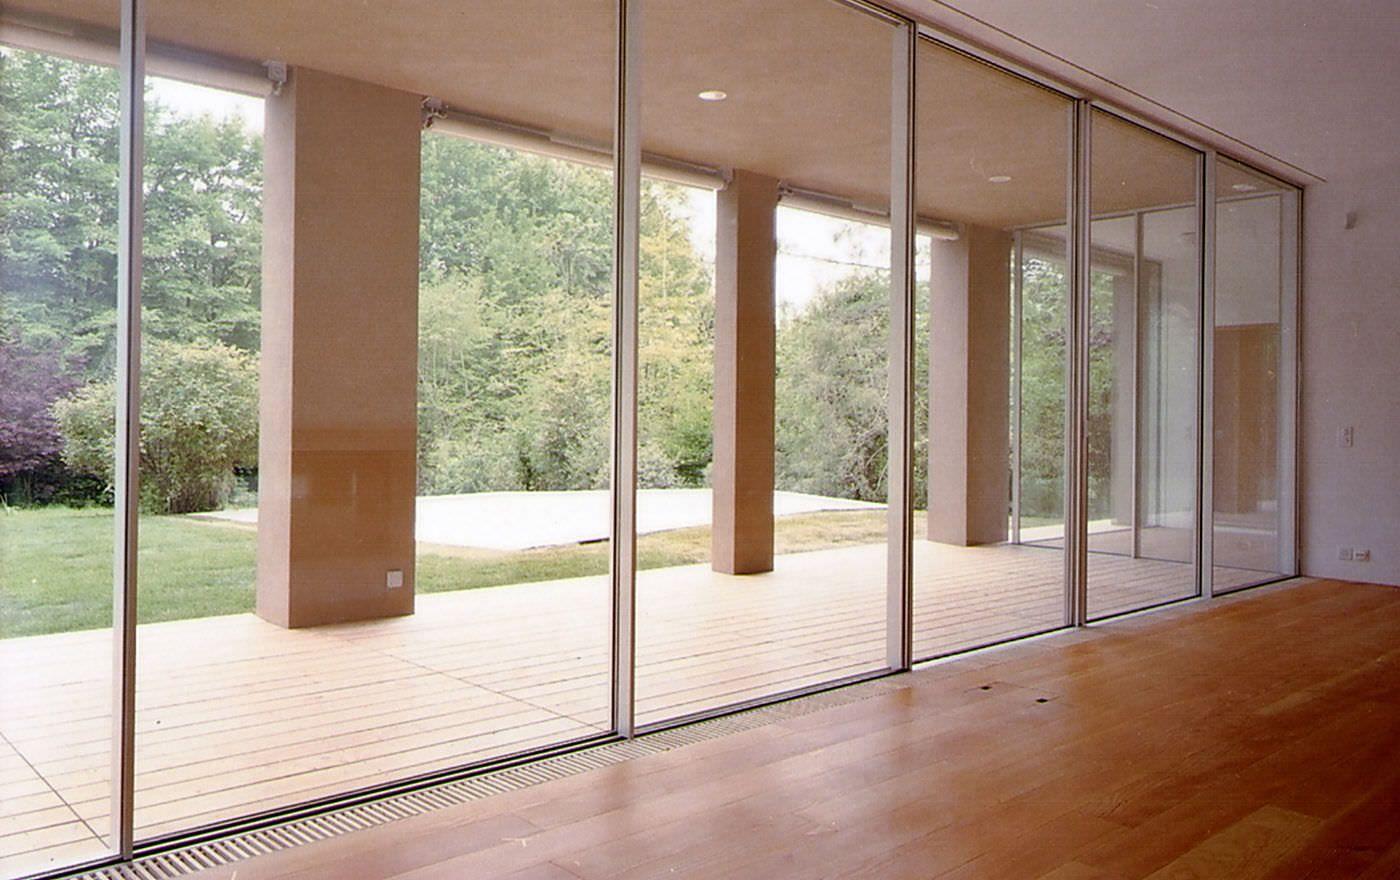 puertas corredizas grandes de aluminio y vidrio buscar On puertas de vidrio corredizas para exteriores